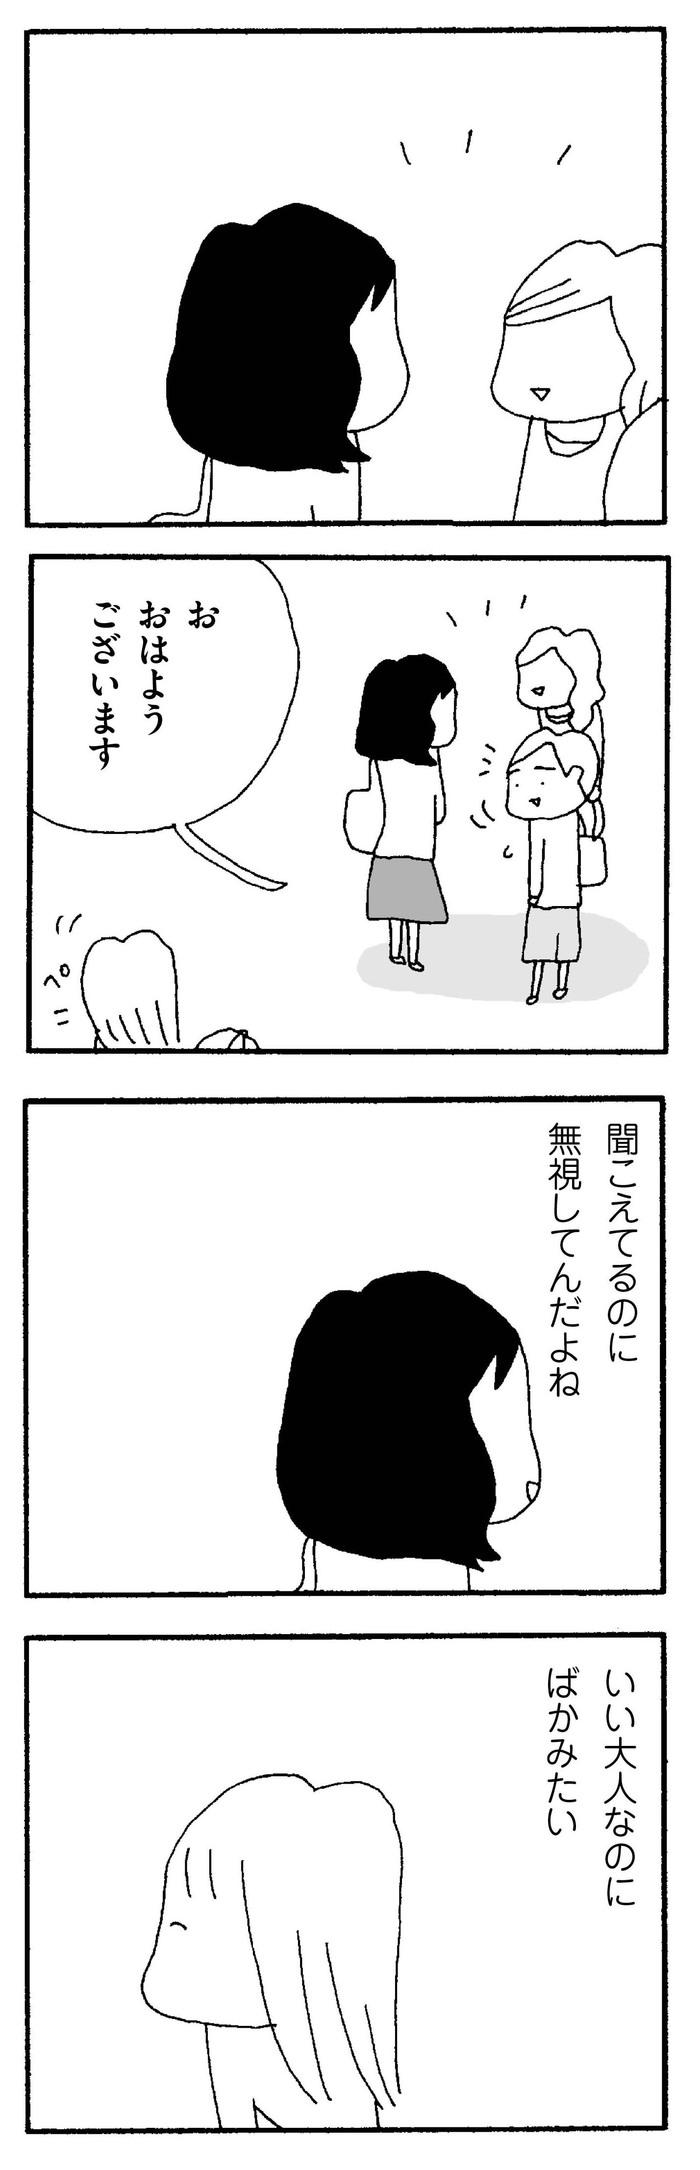 【連載】ママ友がこわい 第1話 「私たちあんなに仲良しだったのに・・・」の画像5